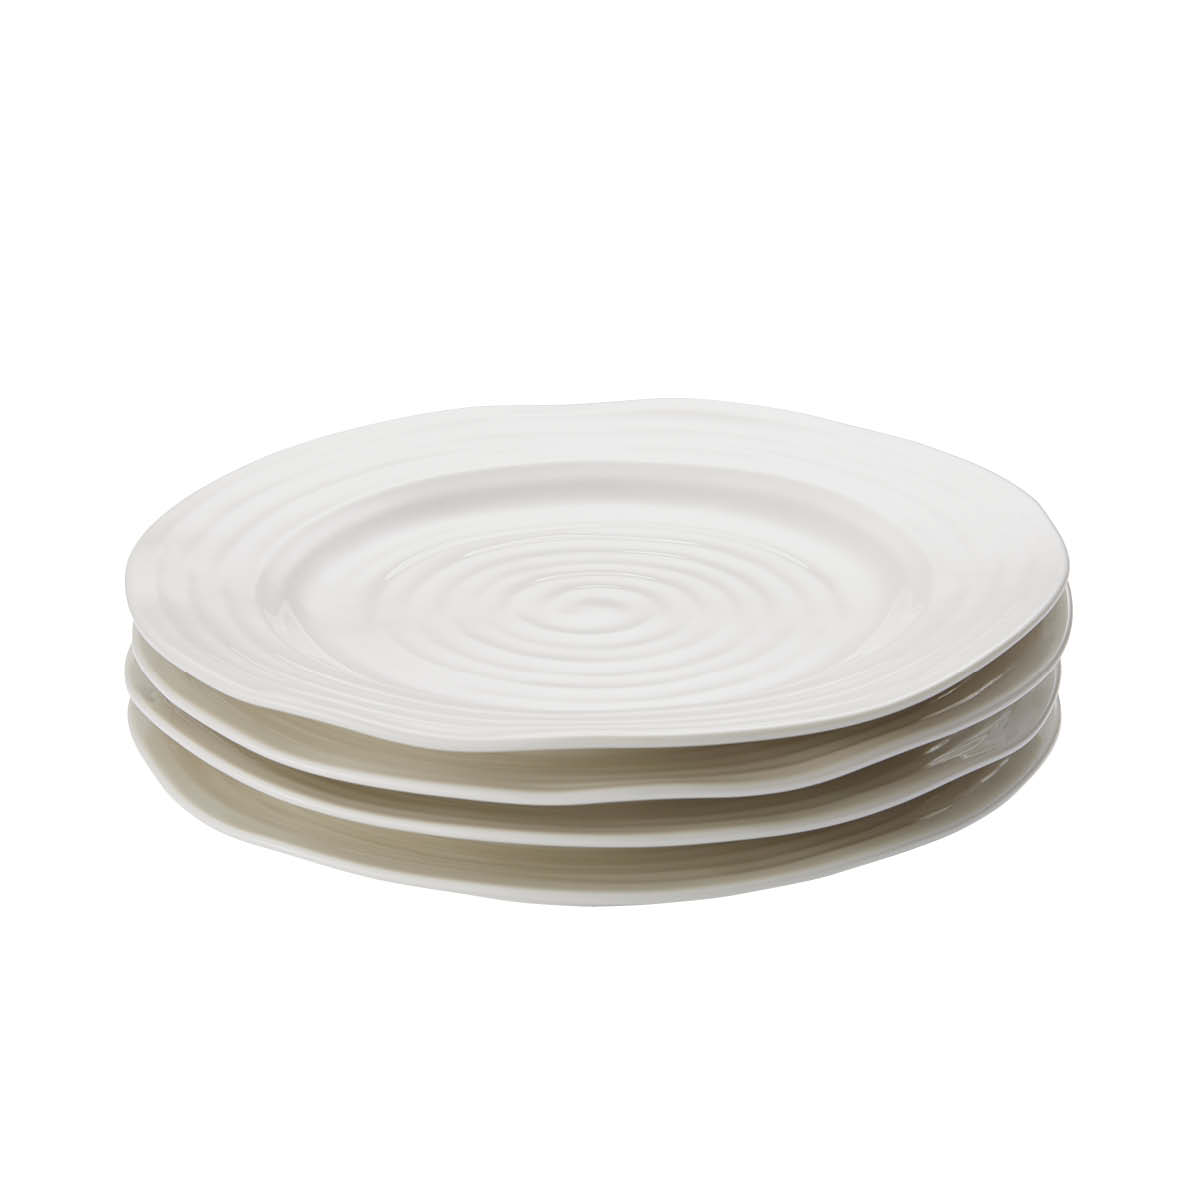 포트메리온 '소피 콘란' 샐러드 접시 4개 세트 Portmeirion Sophie Conran  White Set of 4 Salad Plates